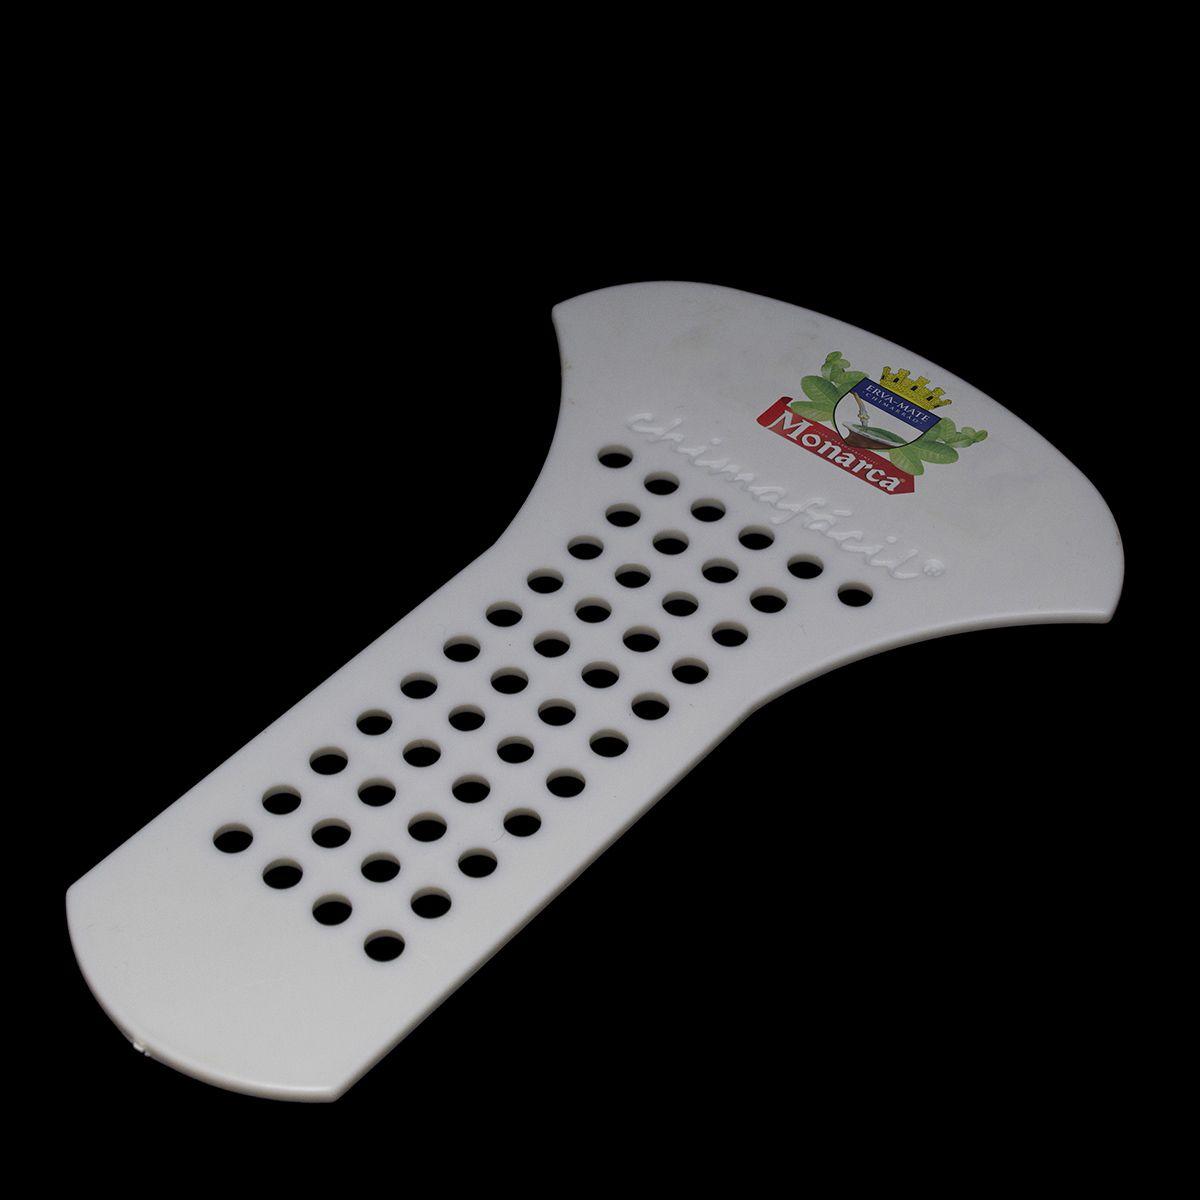 1000 Cevadores Personalizado Chimafácil em plástico